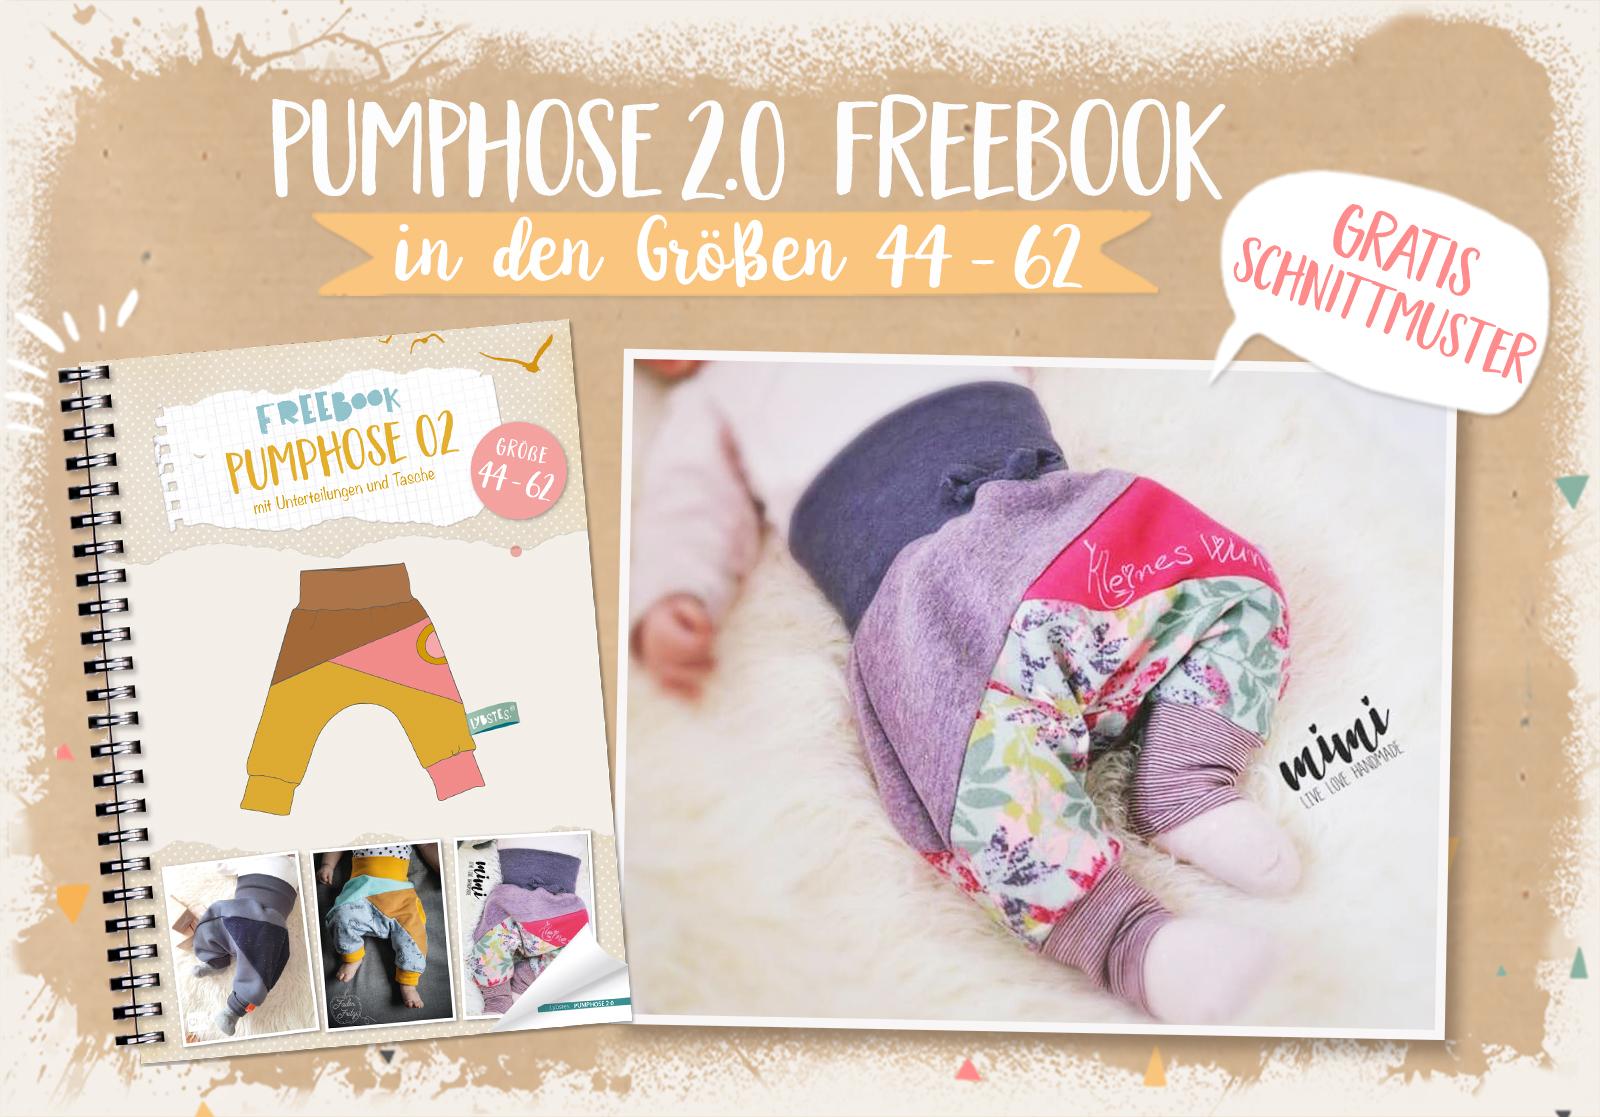 FREEBOOK: Pumphose 2.0 mit Dreiecken in Gr. 44 - 62